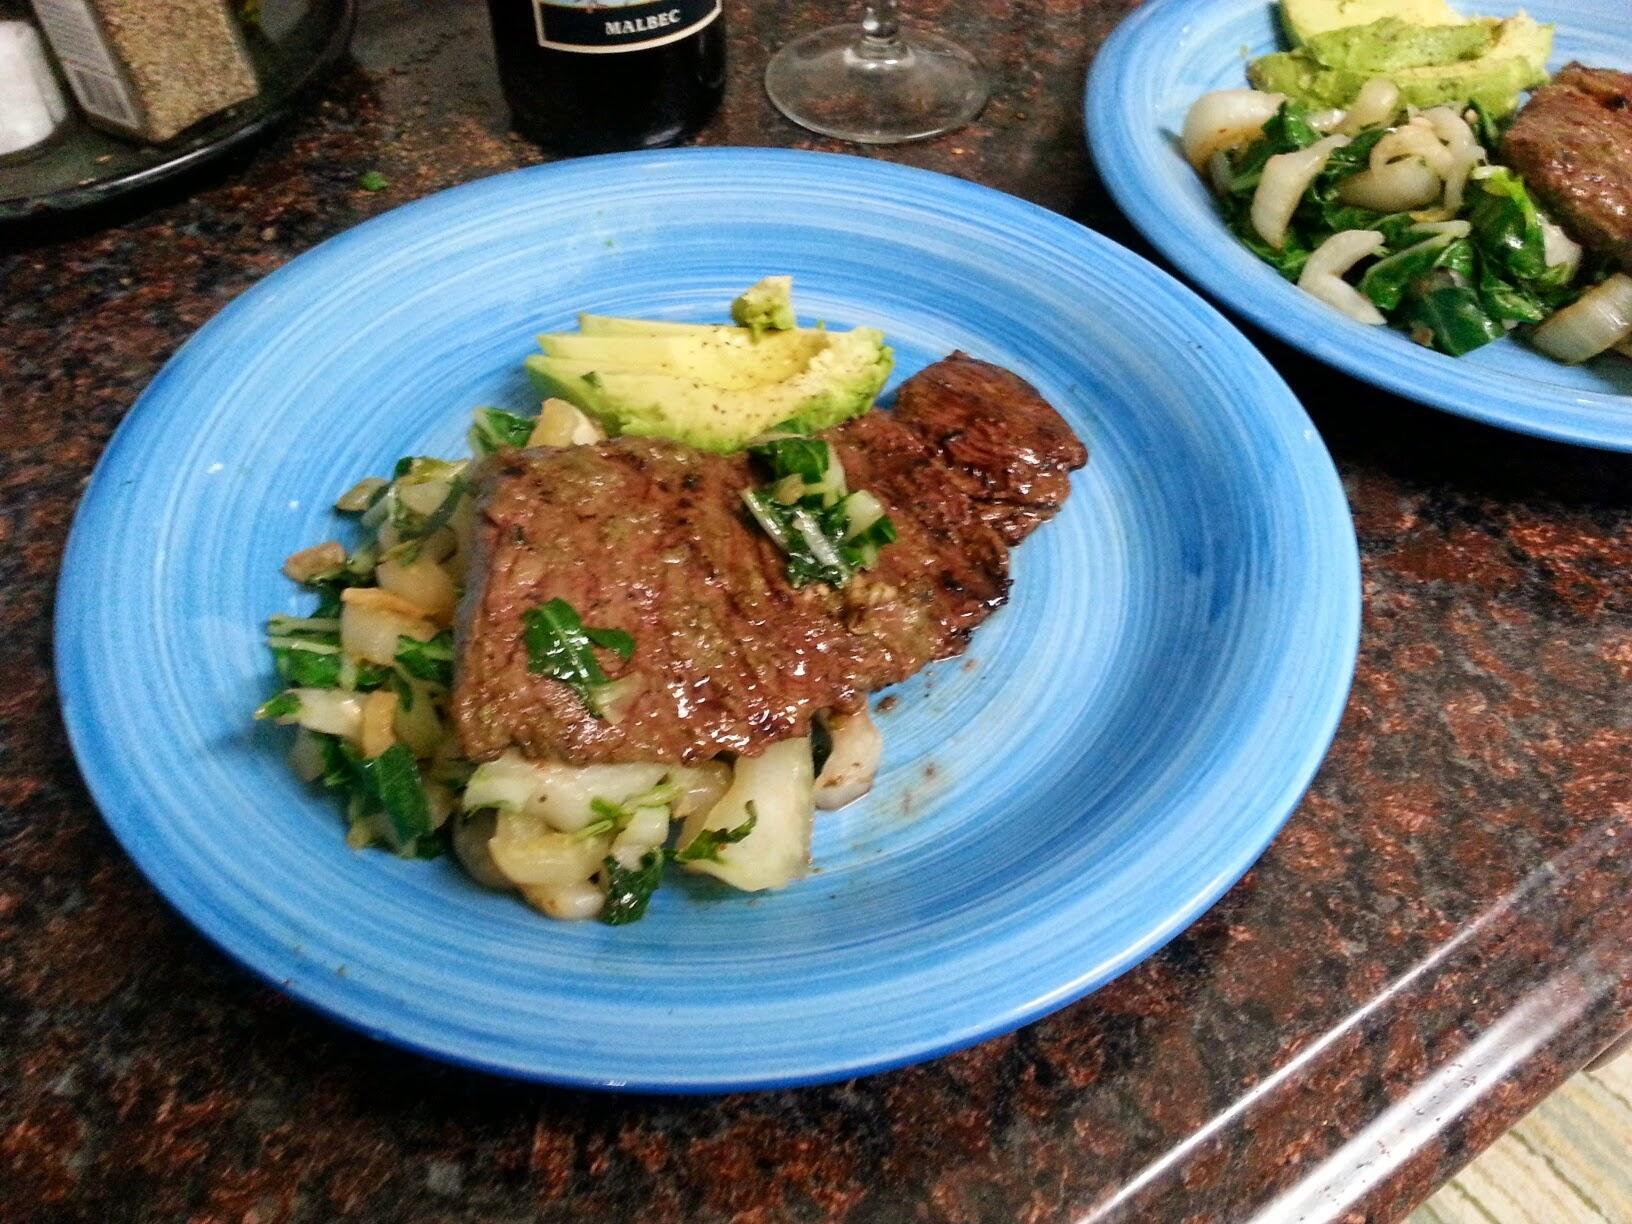 Green marinade over skirt steak